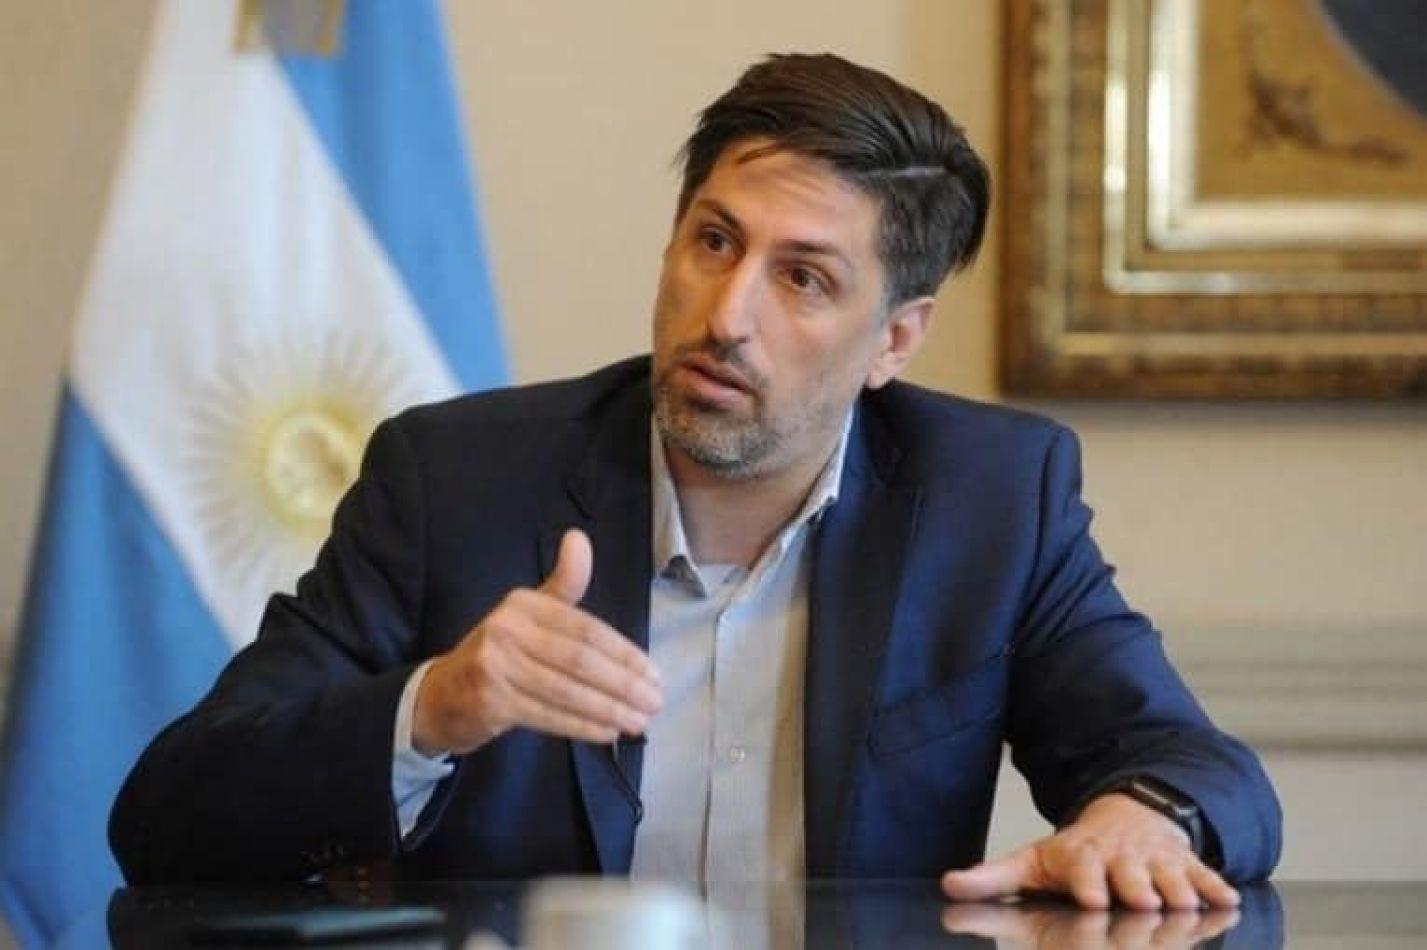 El ministro de Educación de Nación Trotta está en el Deliberante con María Emilia Soria